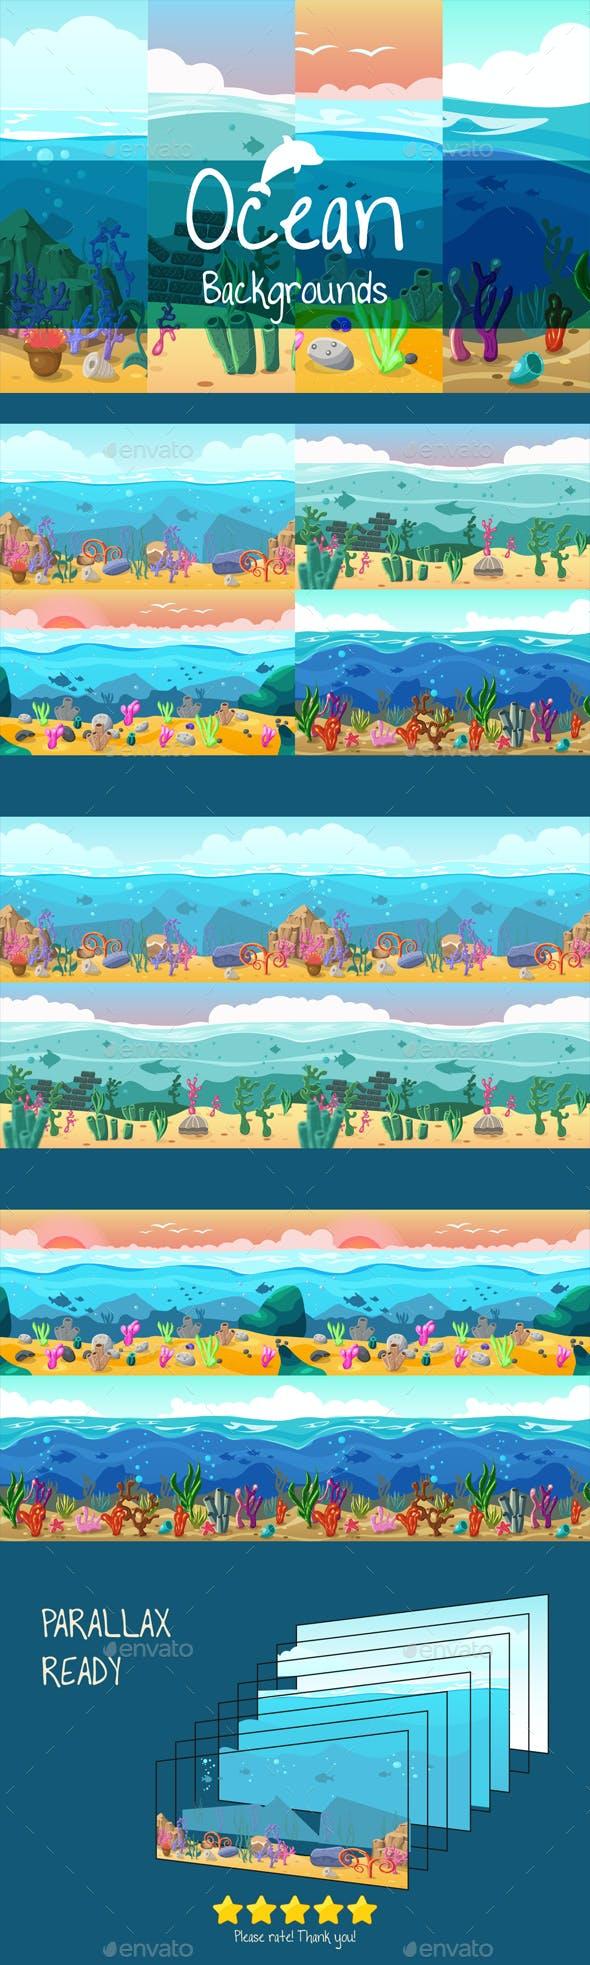 Parallax Ocean 2D Backgrounds